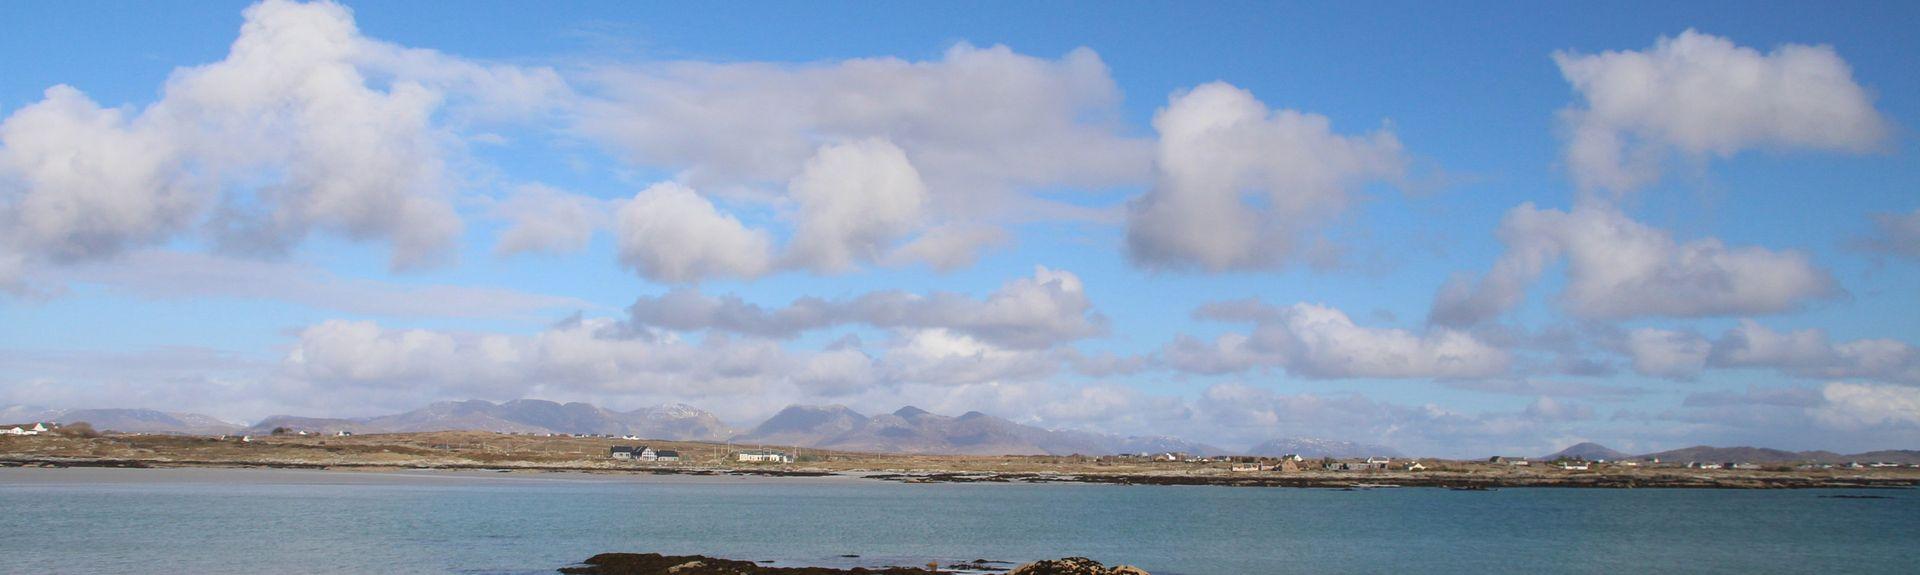 Mweelrea, Cloonamanagh, County Mayo, Ireland